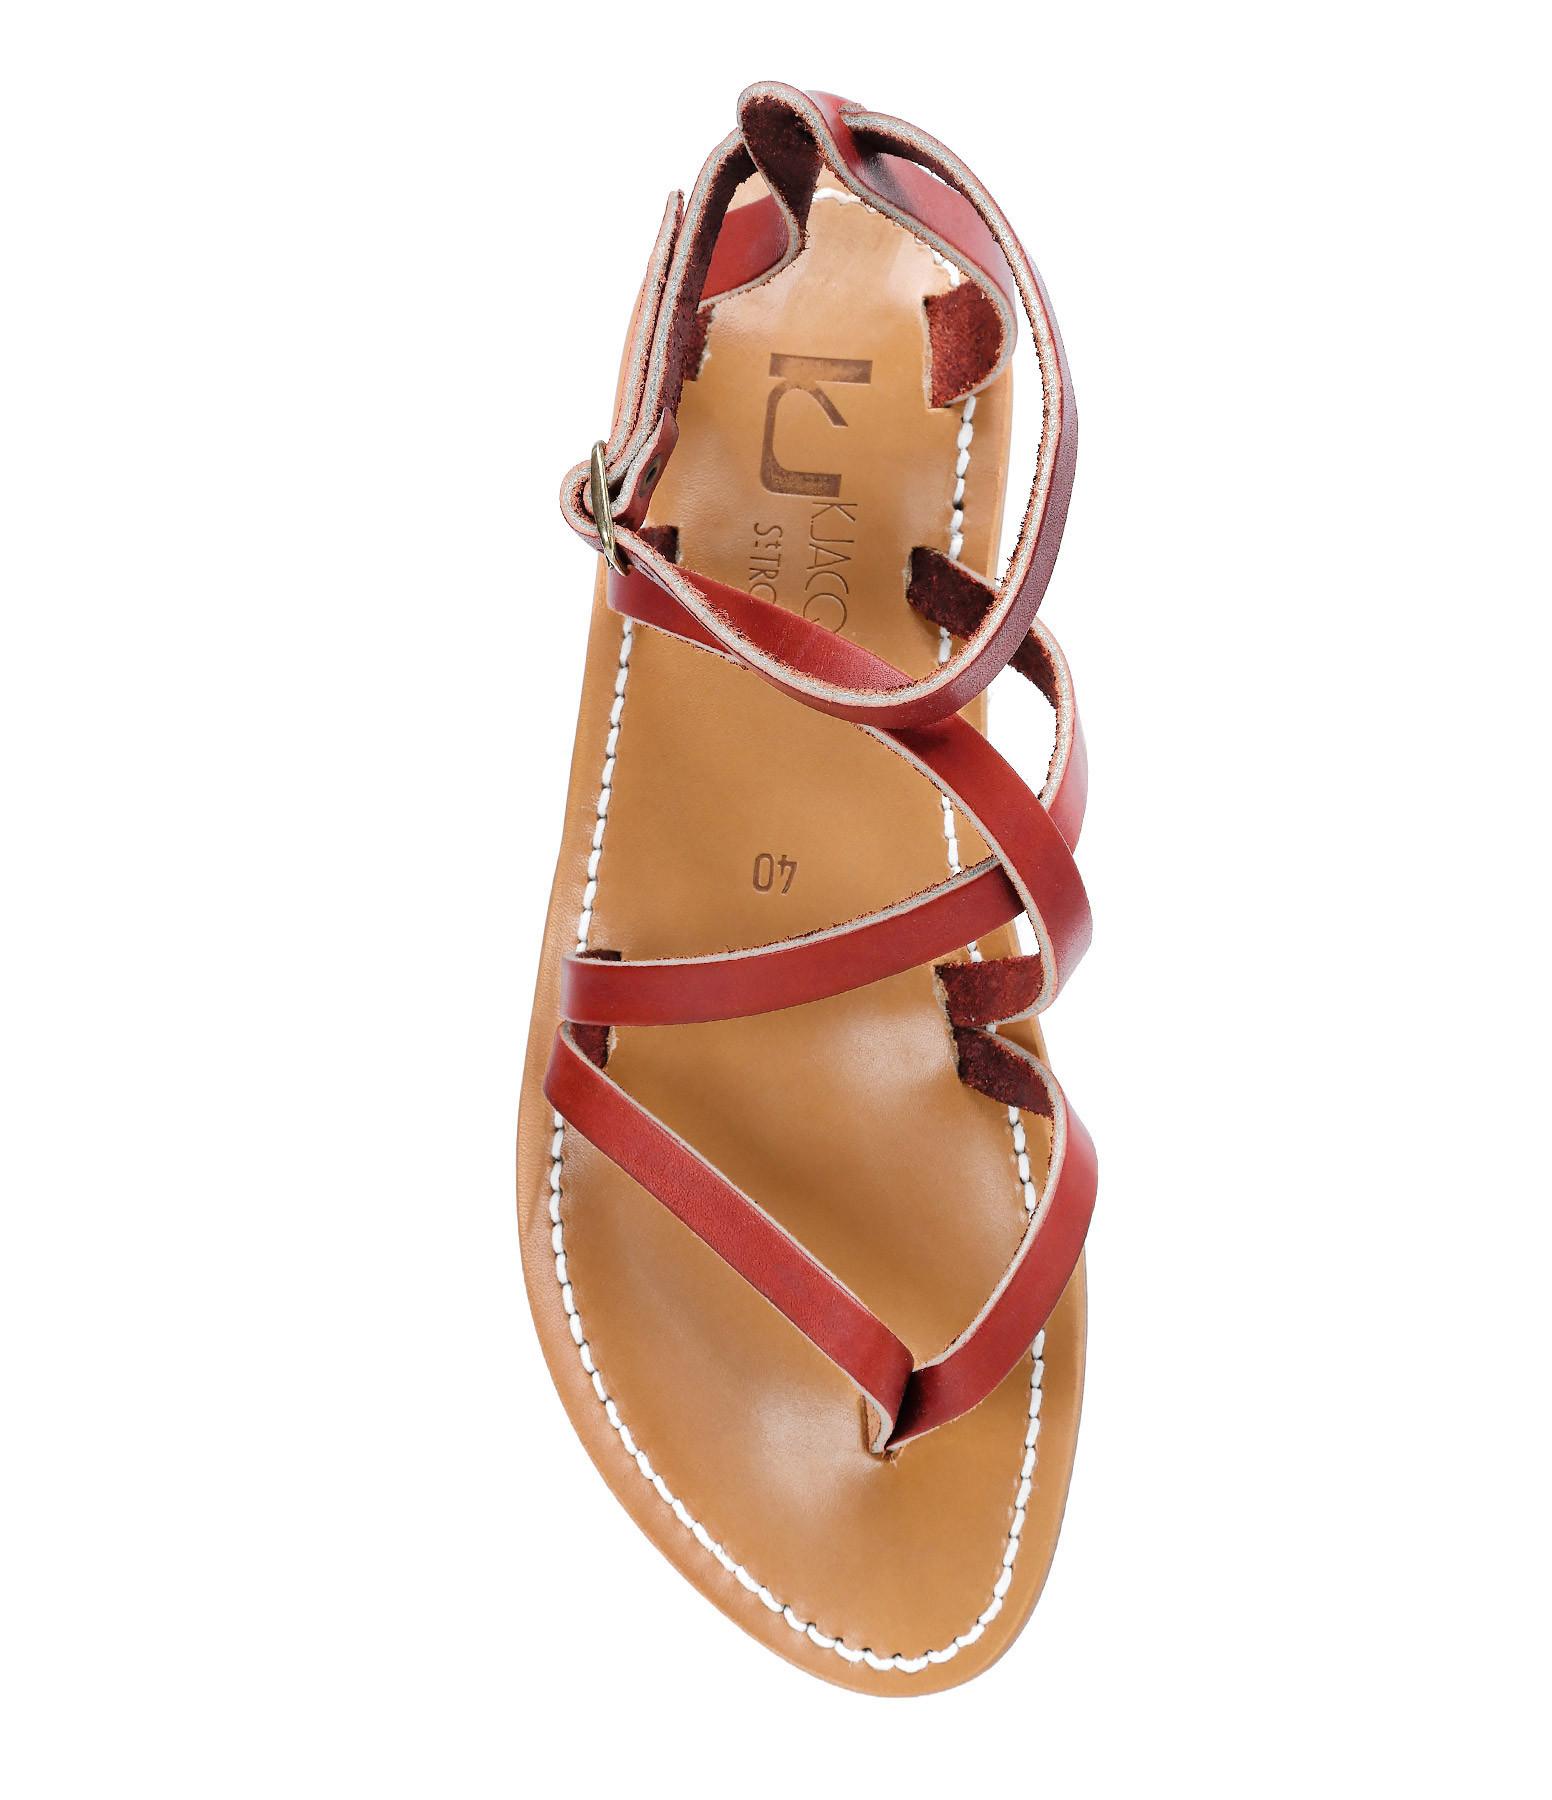 K JACQUES - Sandales Epicure Cuir Pul Rouge